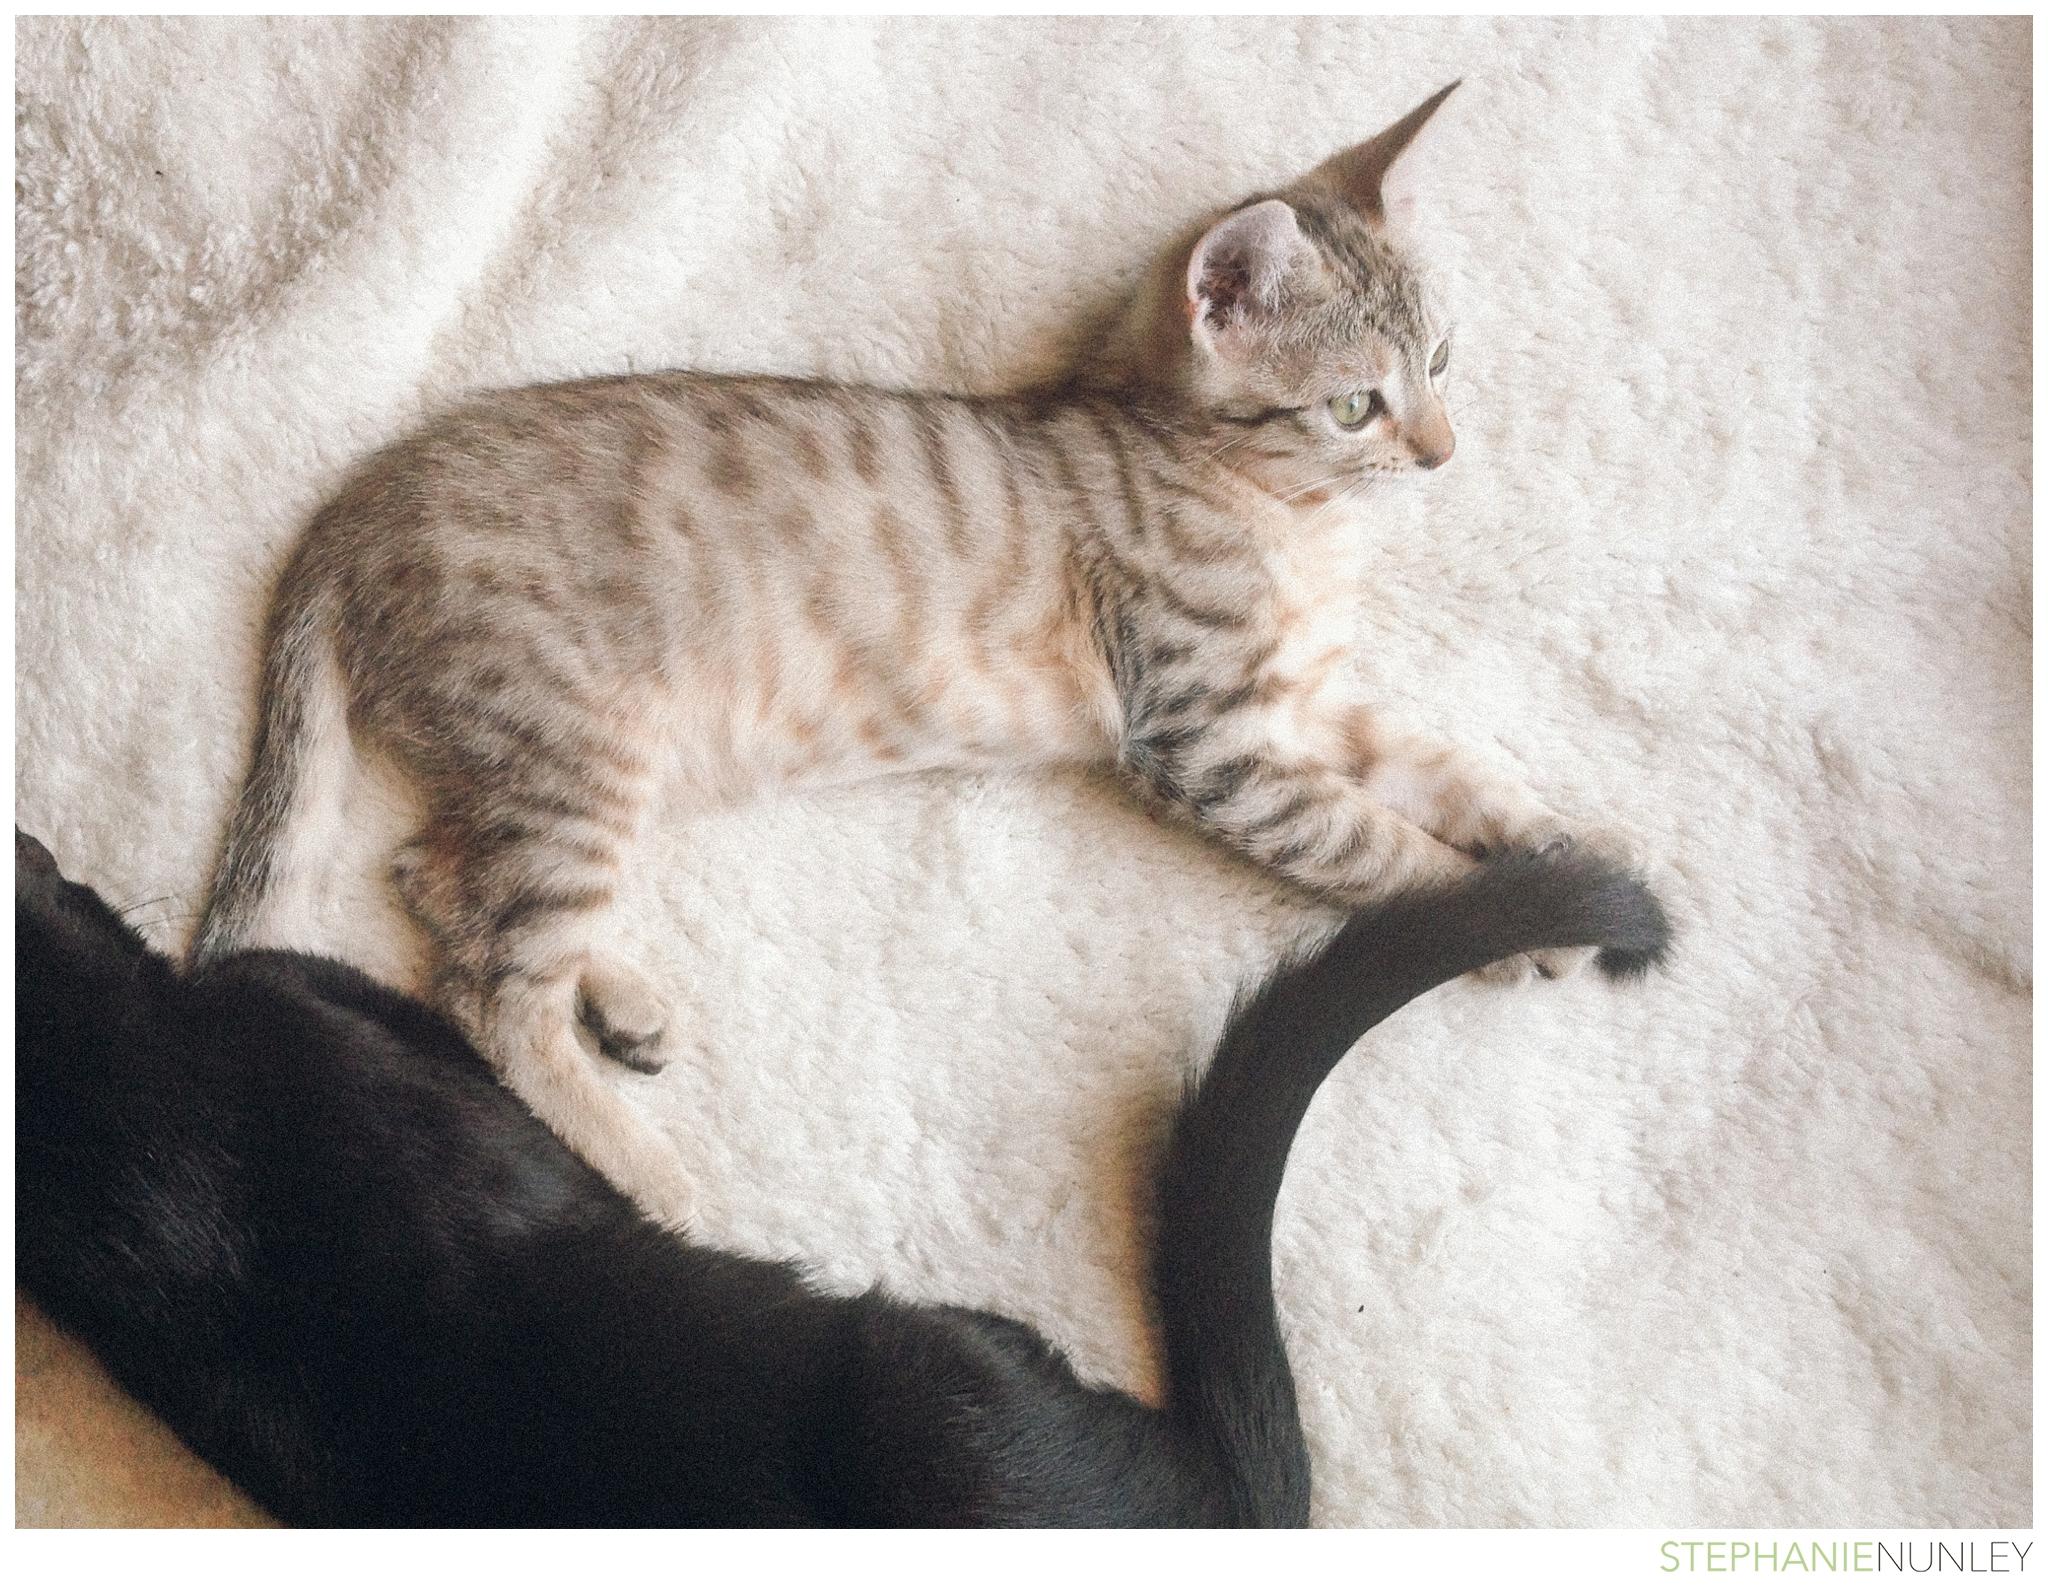 cute-baby-kitten-photos-009